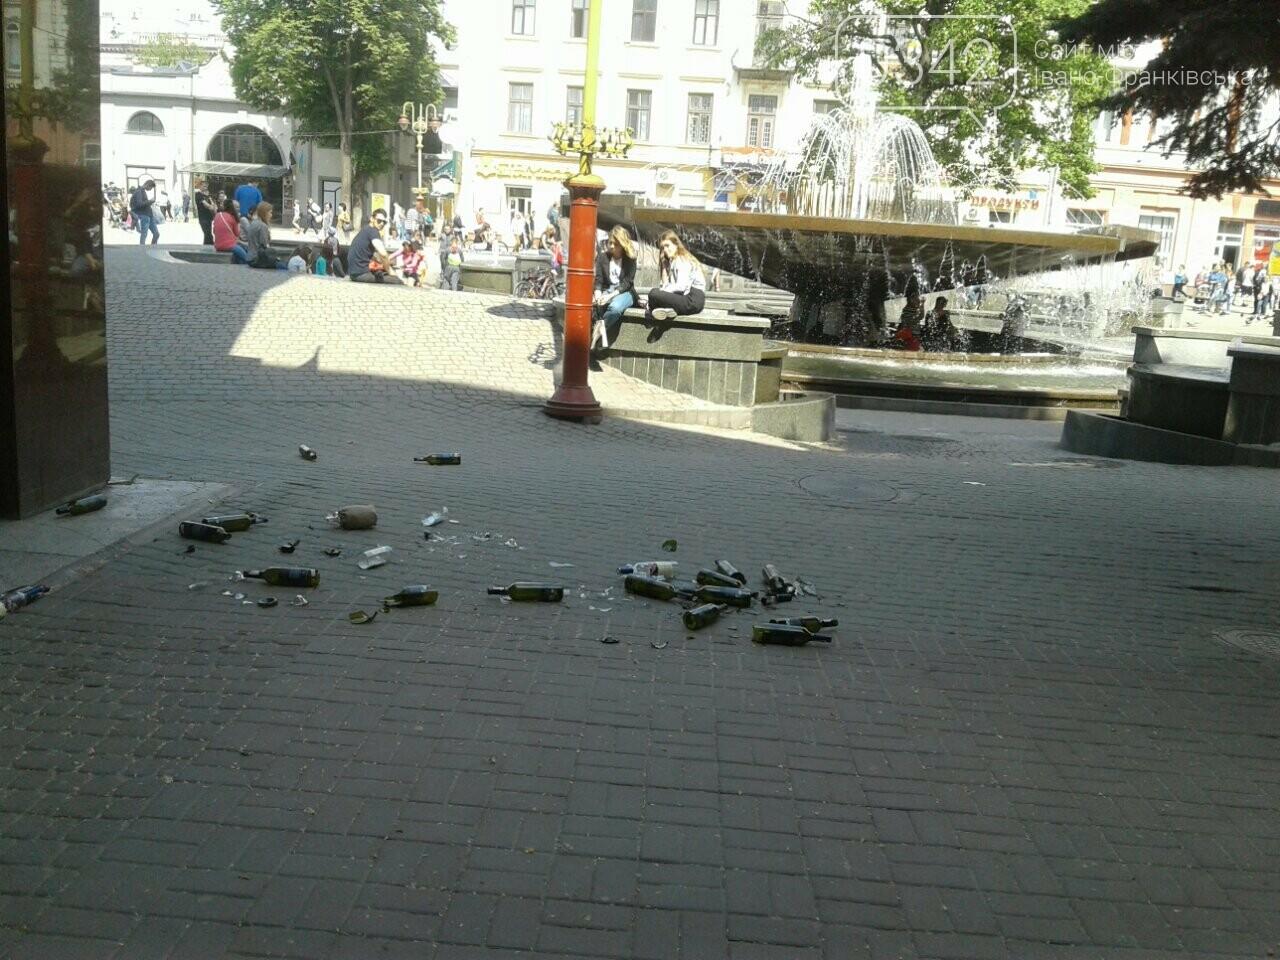 Святкування не задались. На Вічевому майдані купа розбитих пляшок. ФОТО, фото-3